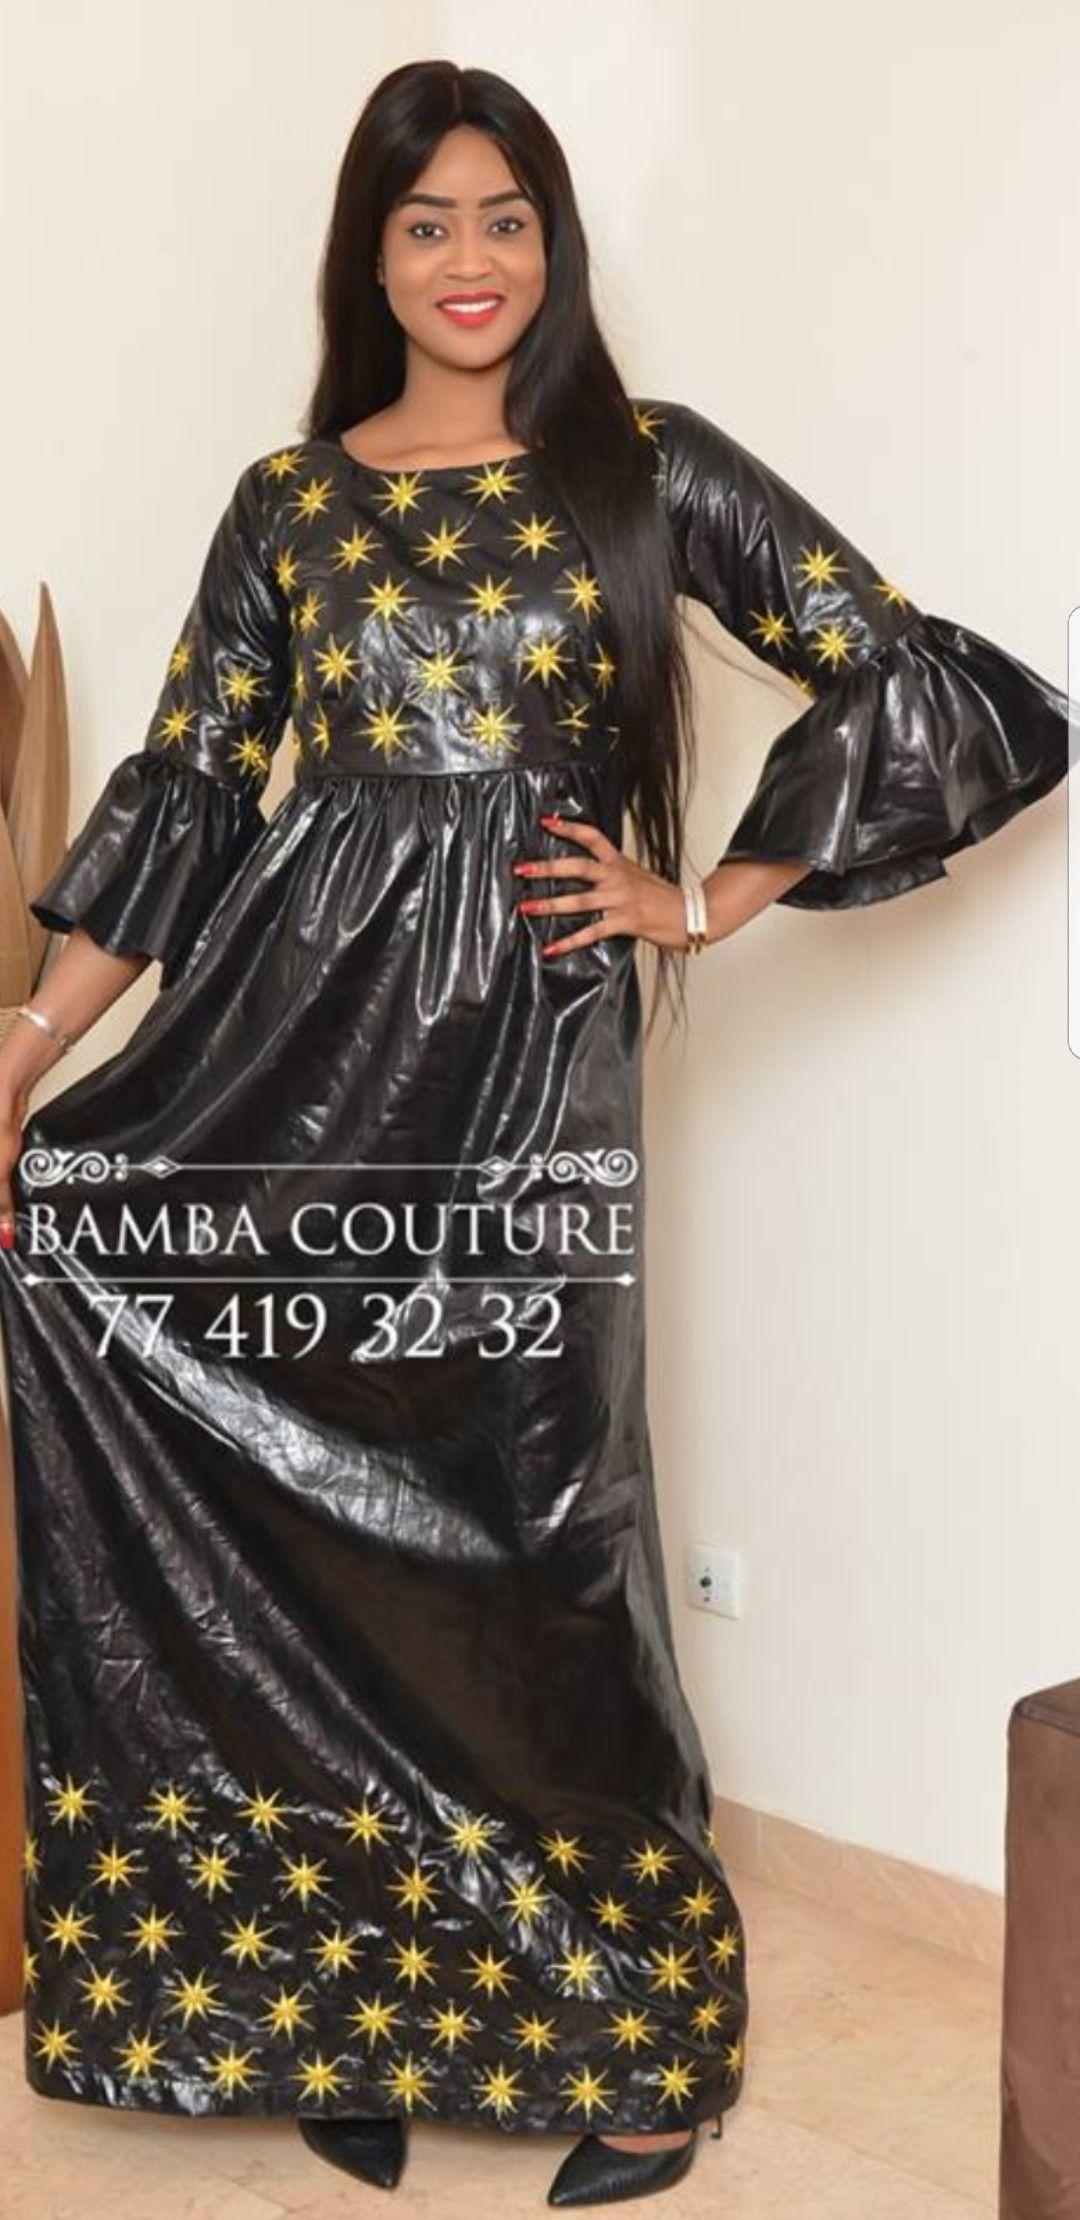 Pingl par ndeye khady sur mode africaine pinterest - Pinterest mode femme ...